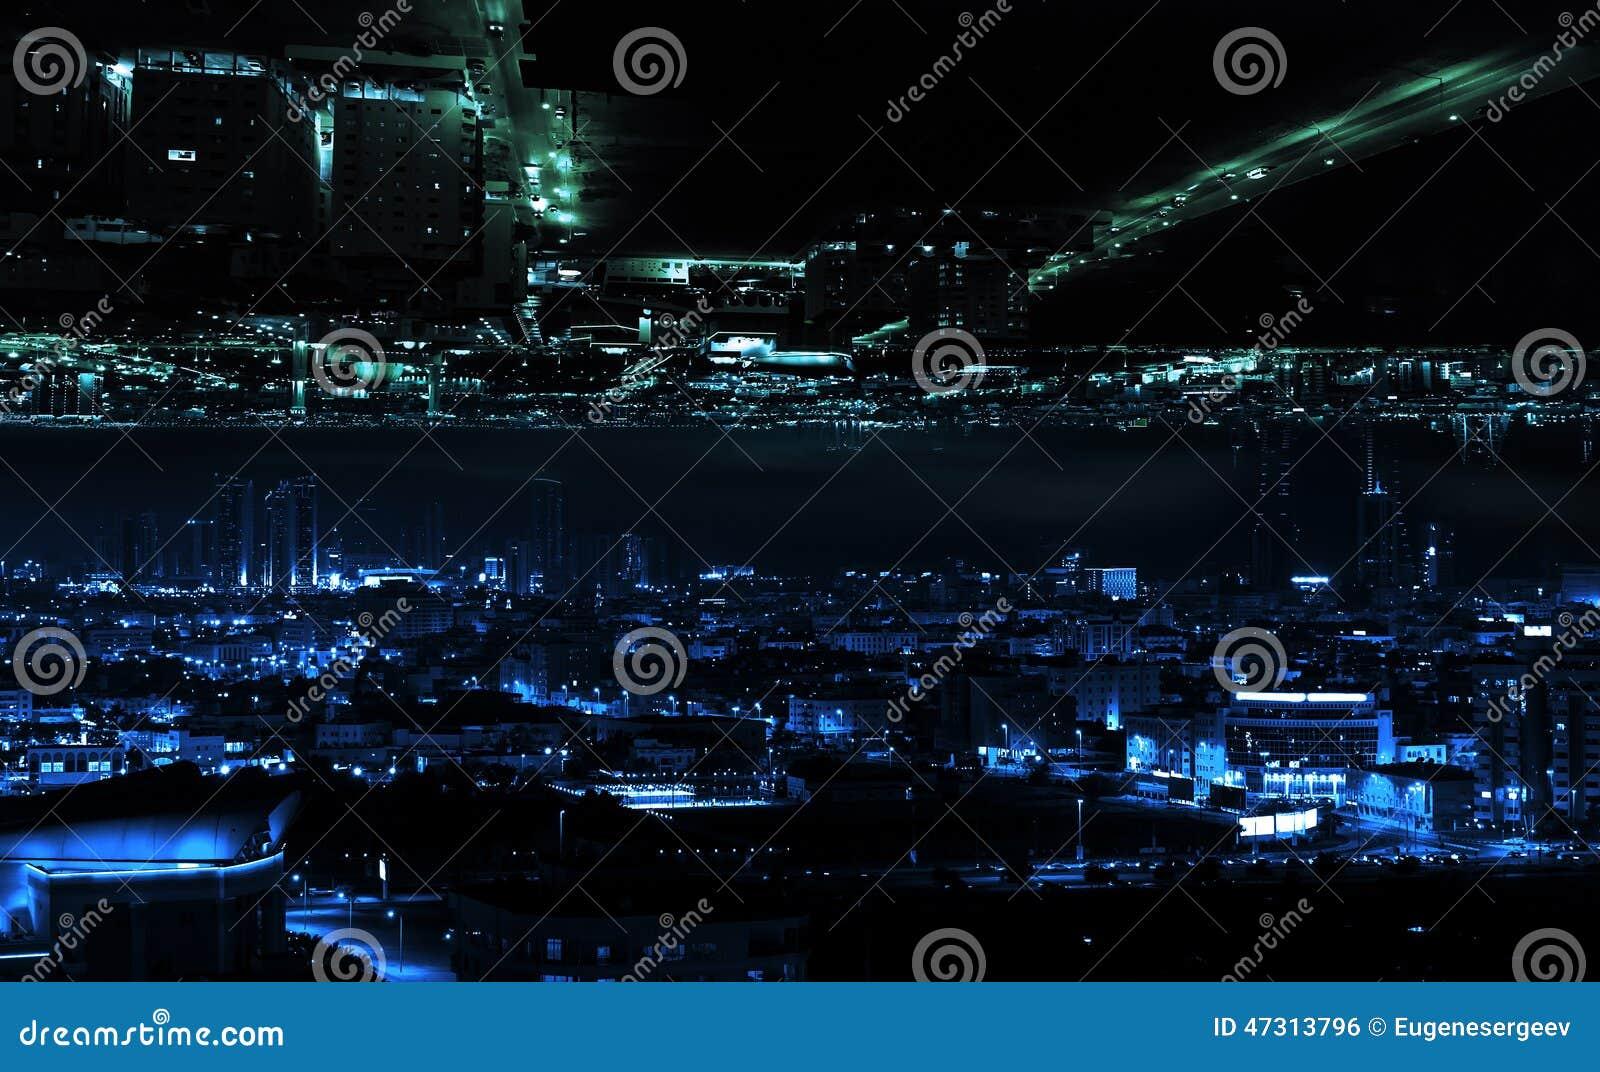 Zusammenfassung illuminted modernes Nachtstadtkonzept